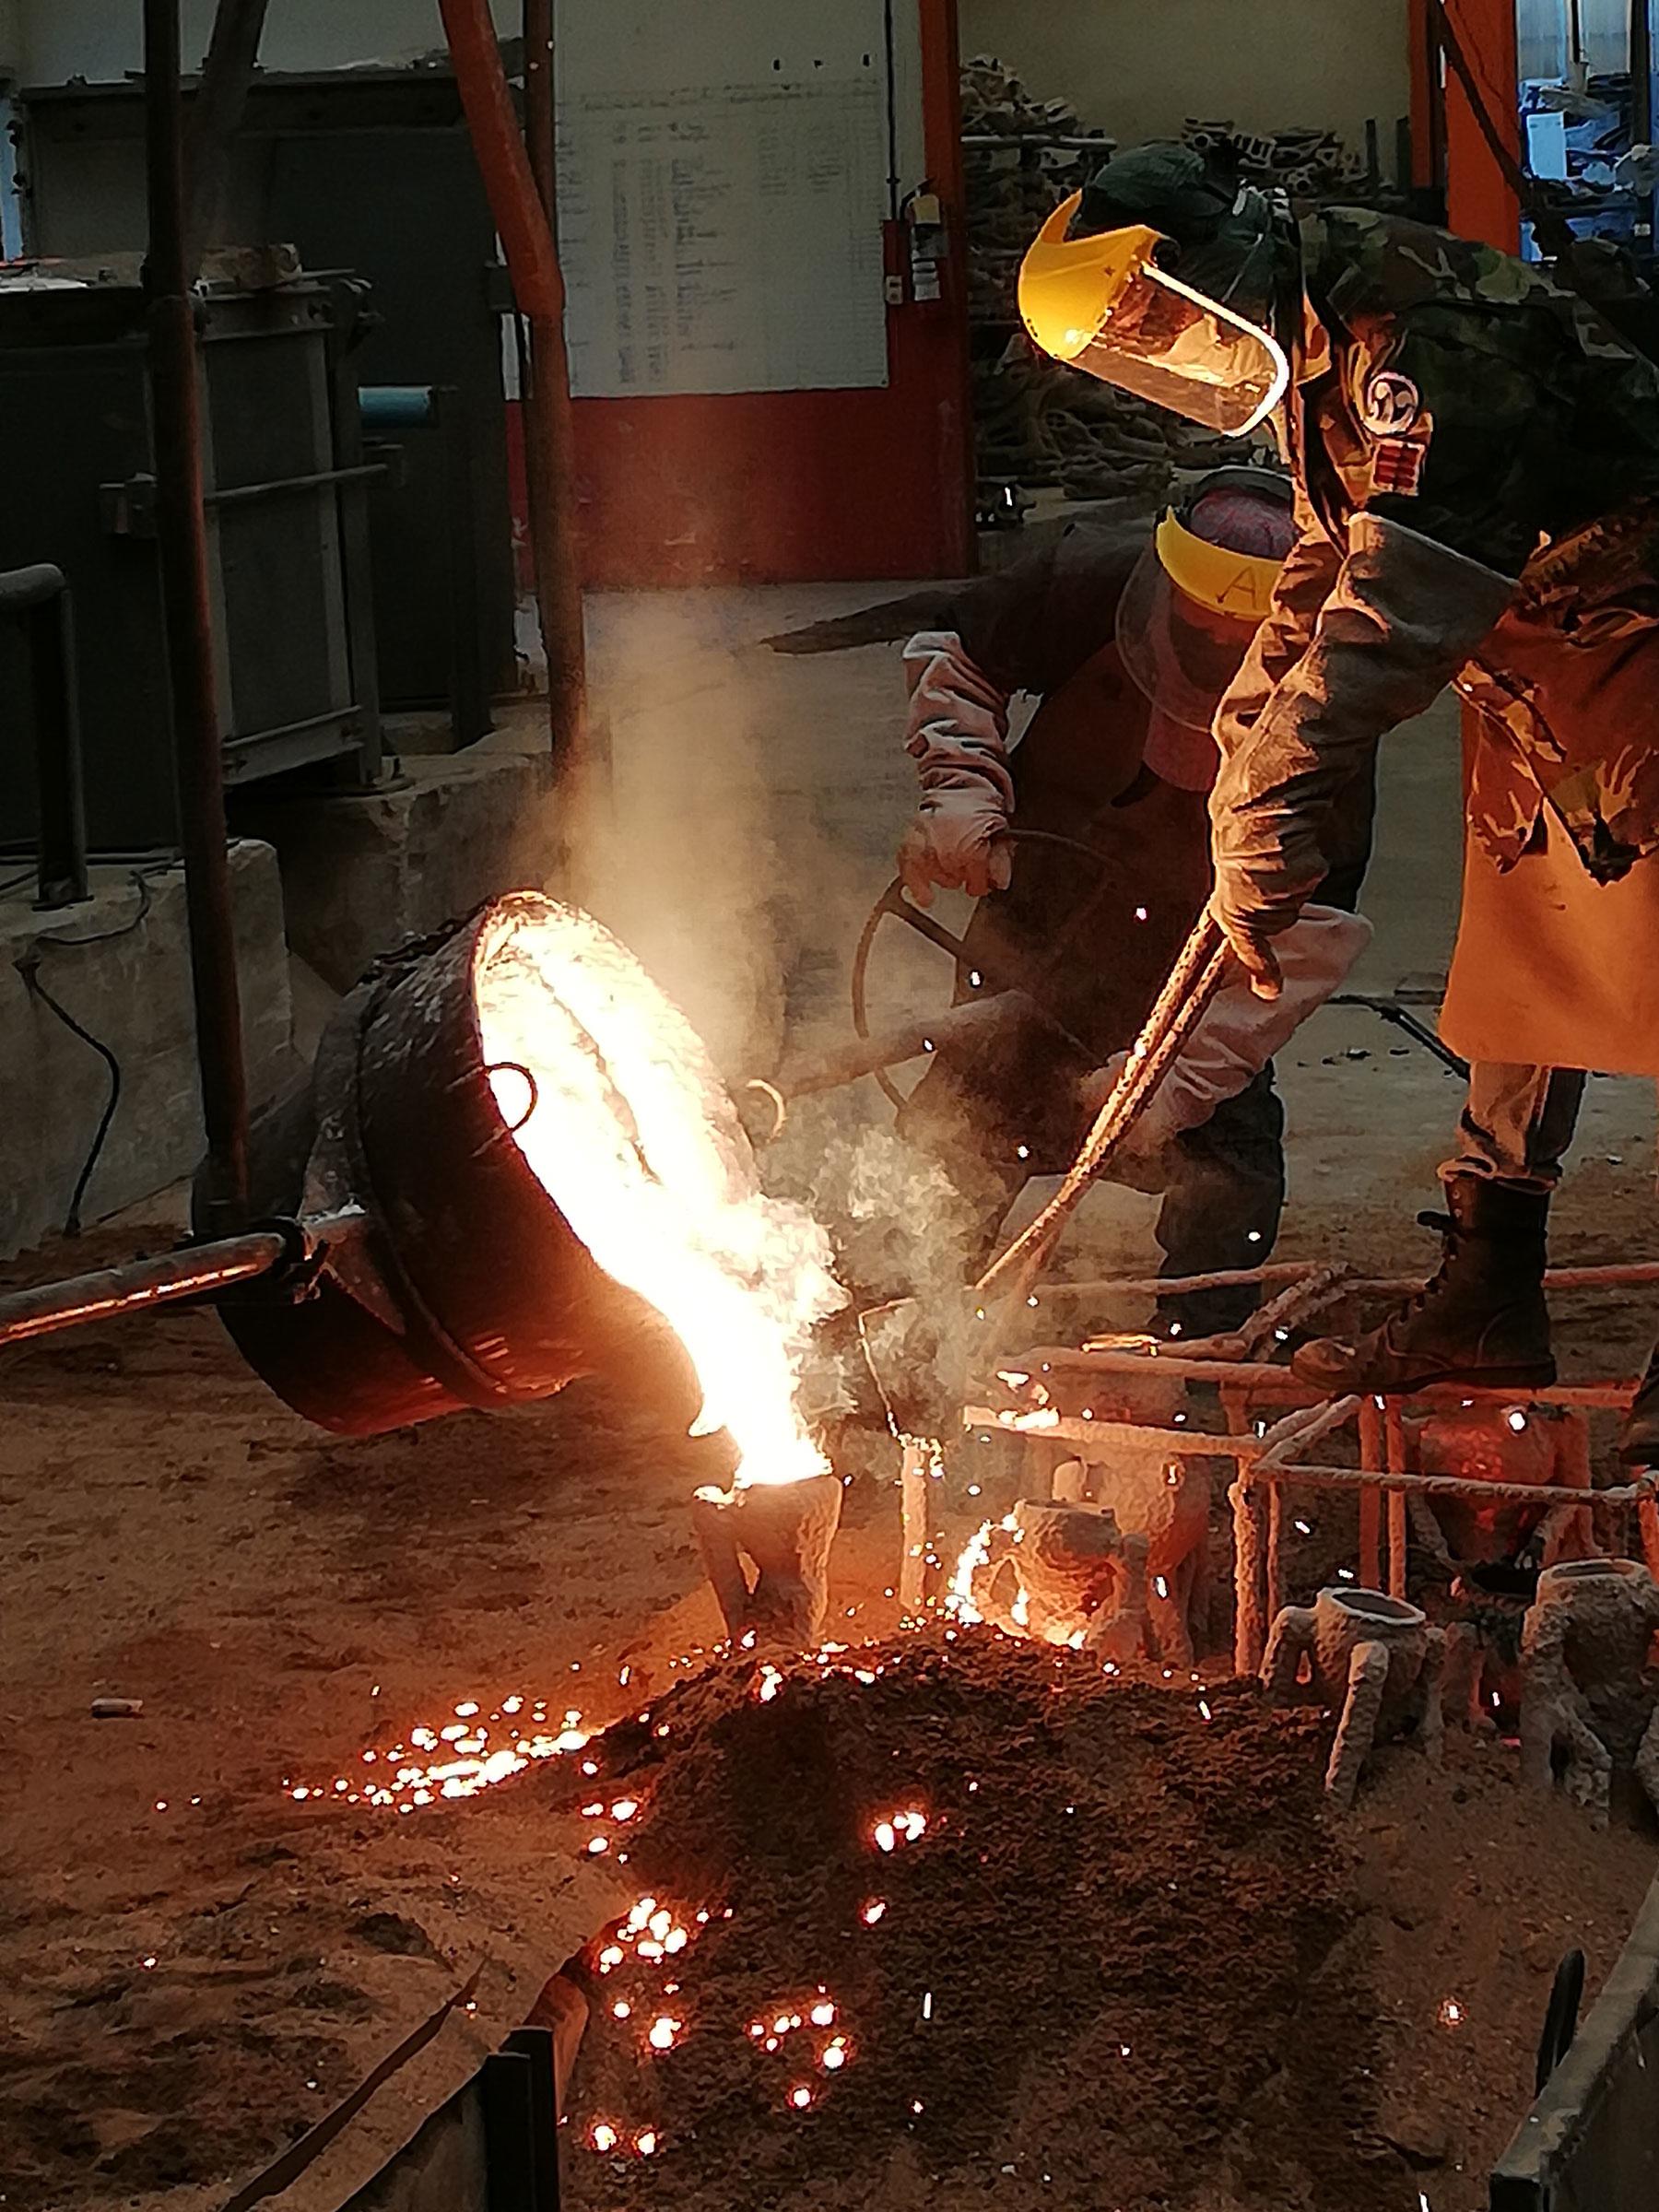 la sculpteure française Val – Valérie Goutard - dans fonderie de bronze en Thaïlande – avec Sculptureval